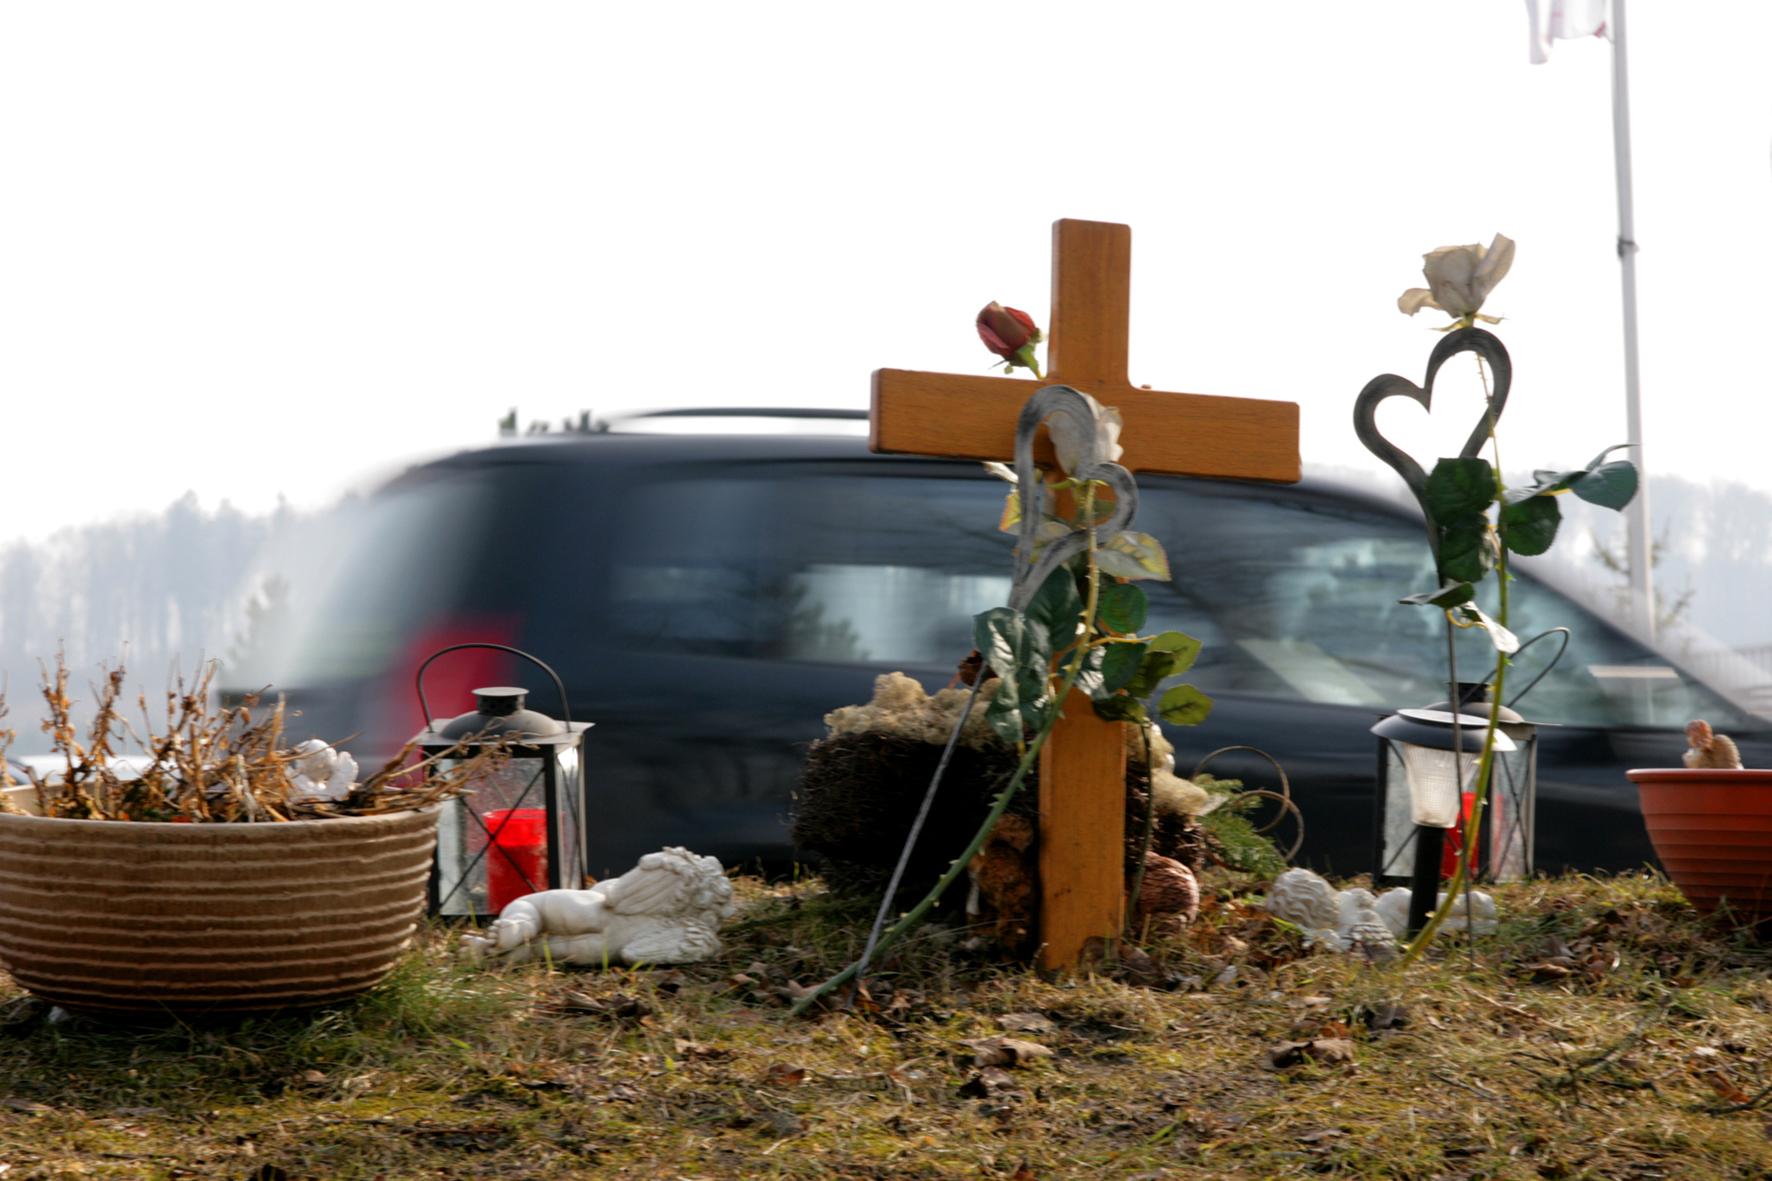 mid Groß-Gerau - Im November 2016 kamen deutlich weniger Menschen im Straßenverkehr ums Leben als im Vorjahresmonat.